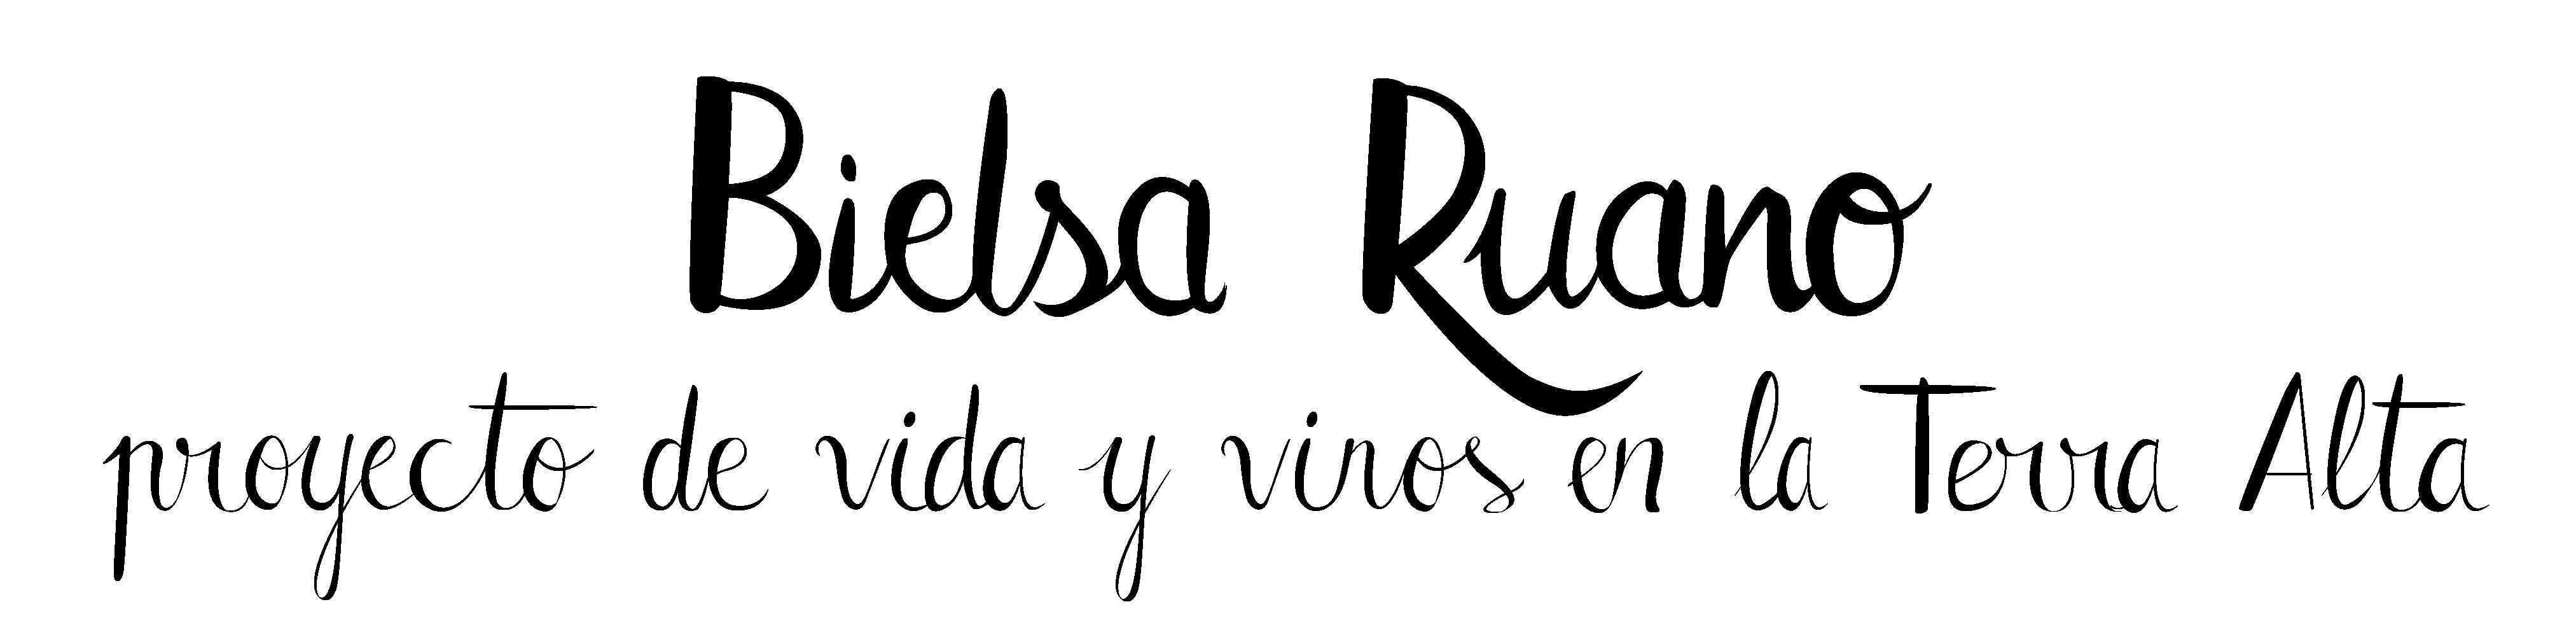 BR_Web_Cap_alera2_CAST